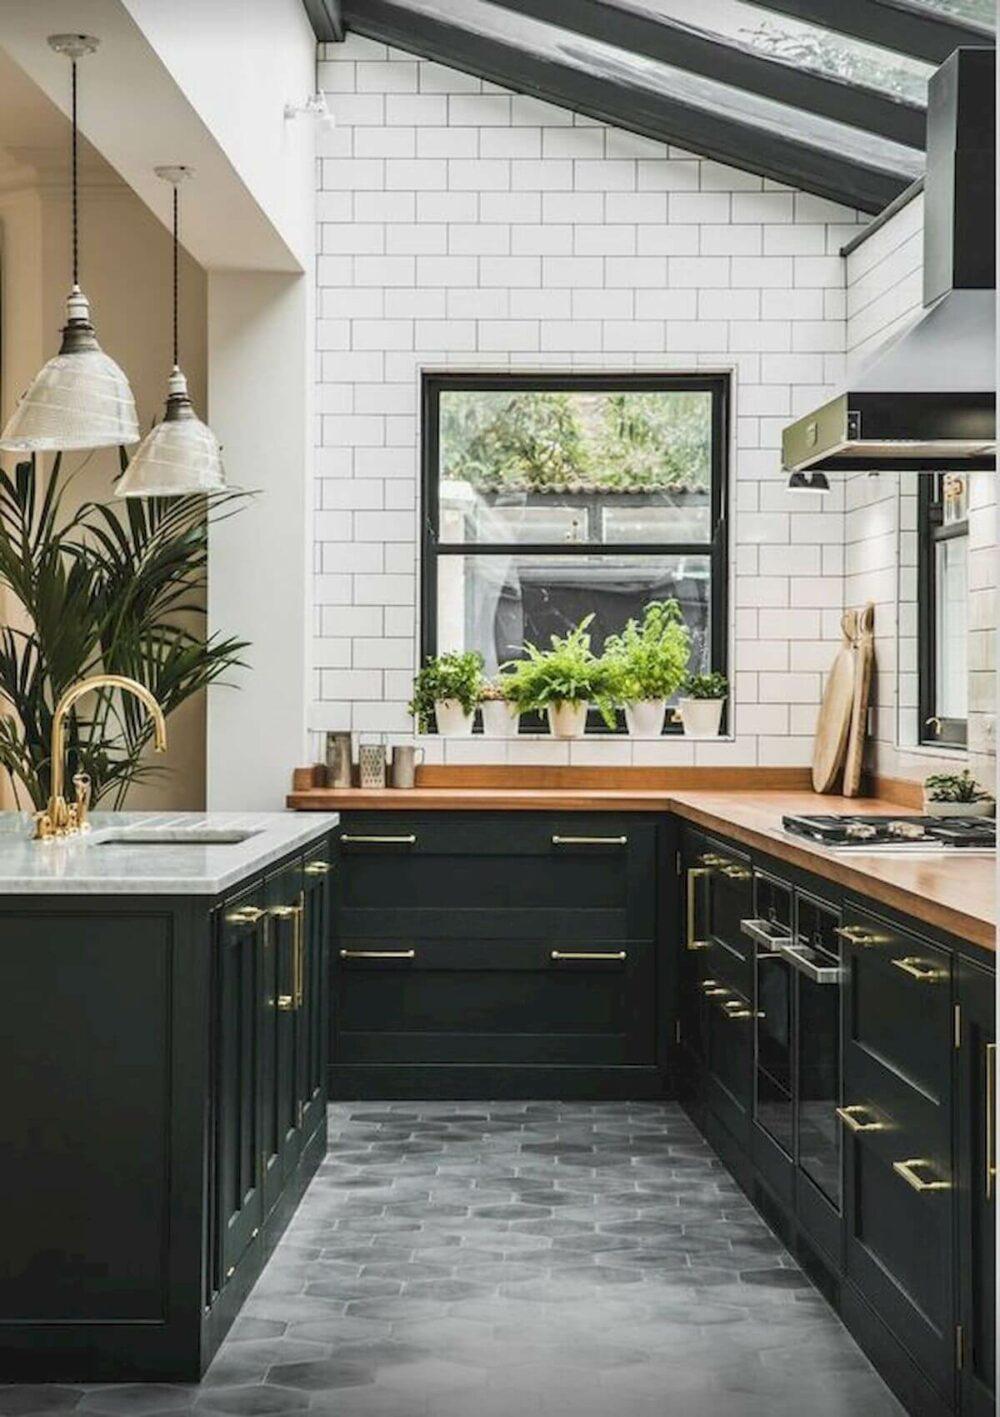 floor kitchen tiles ideas